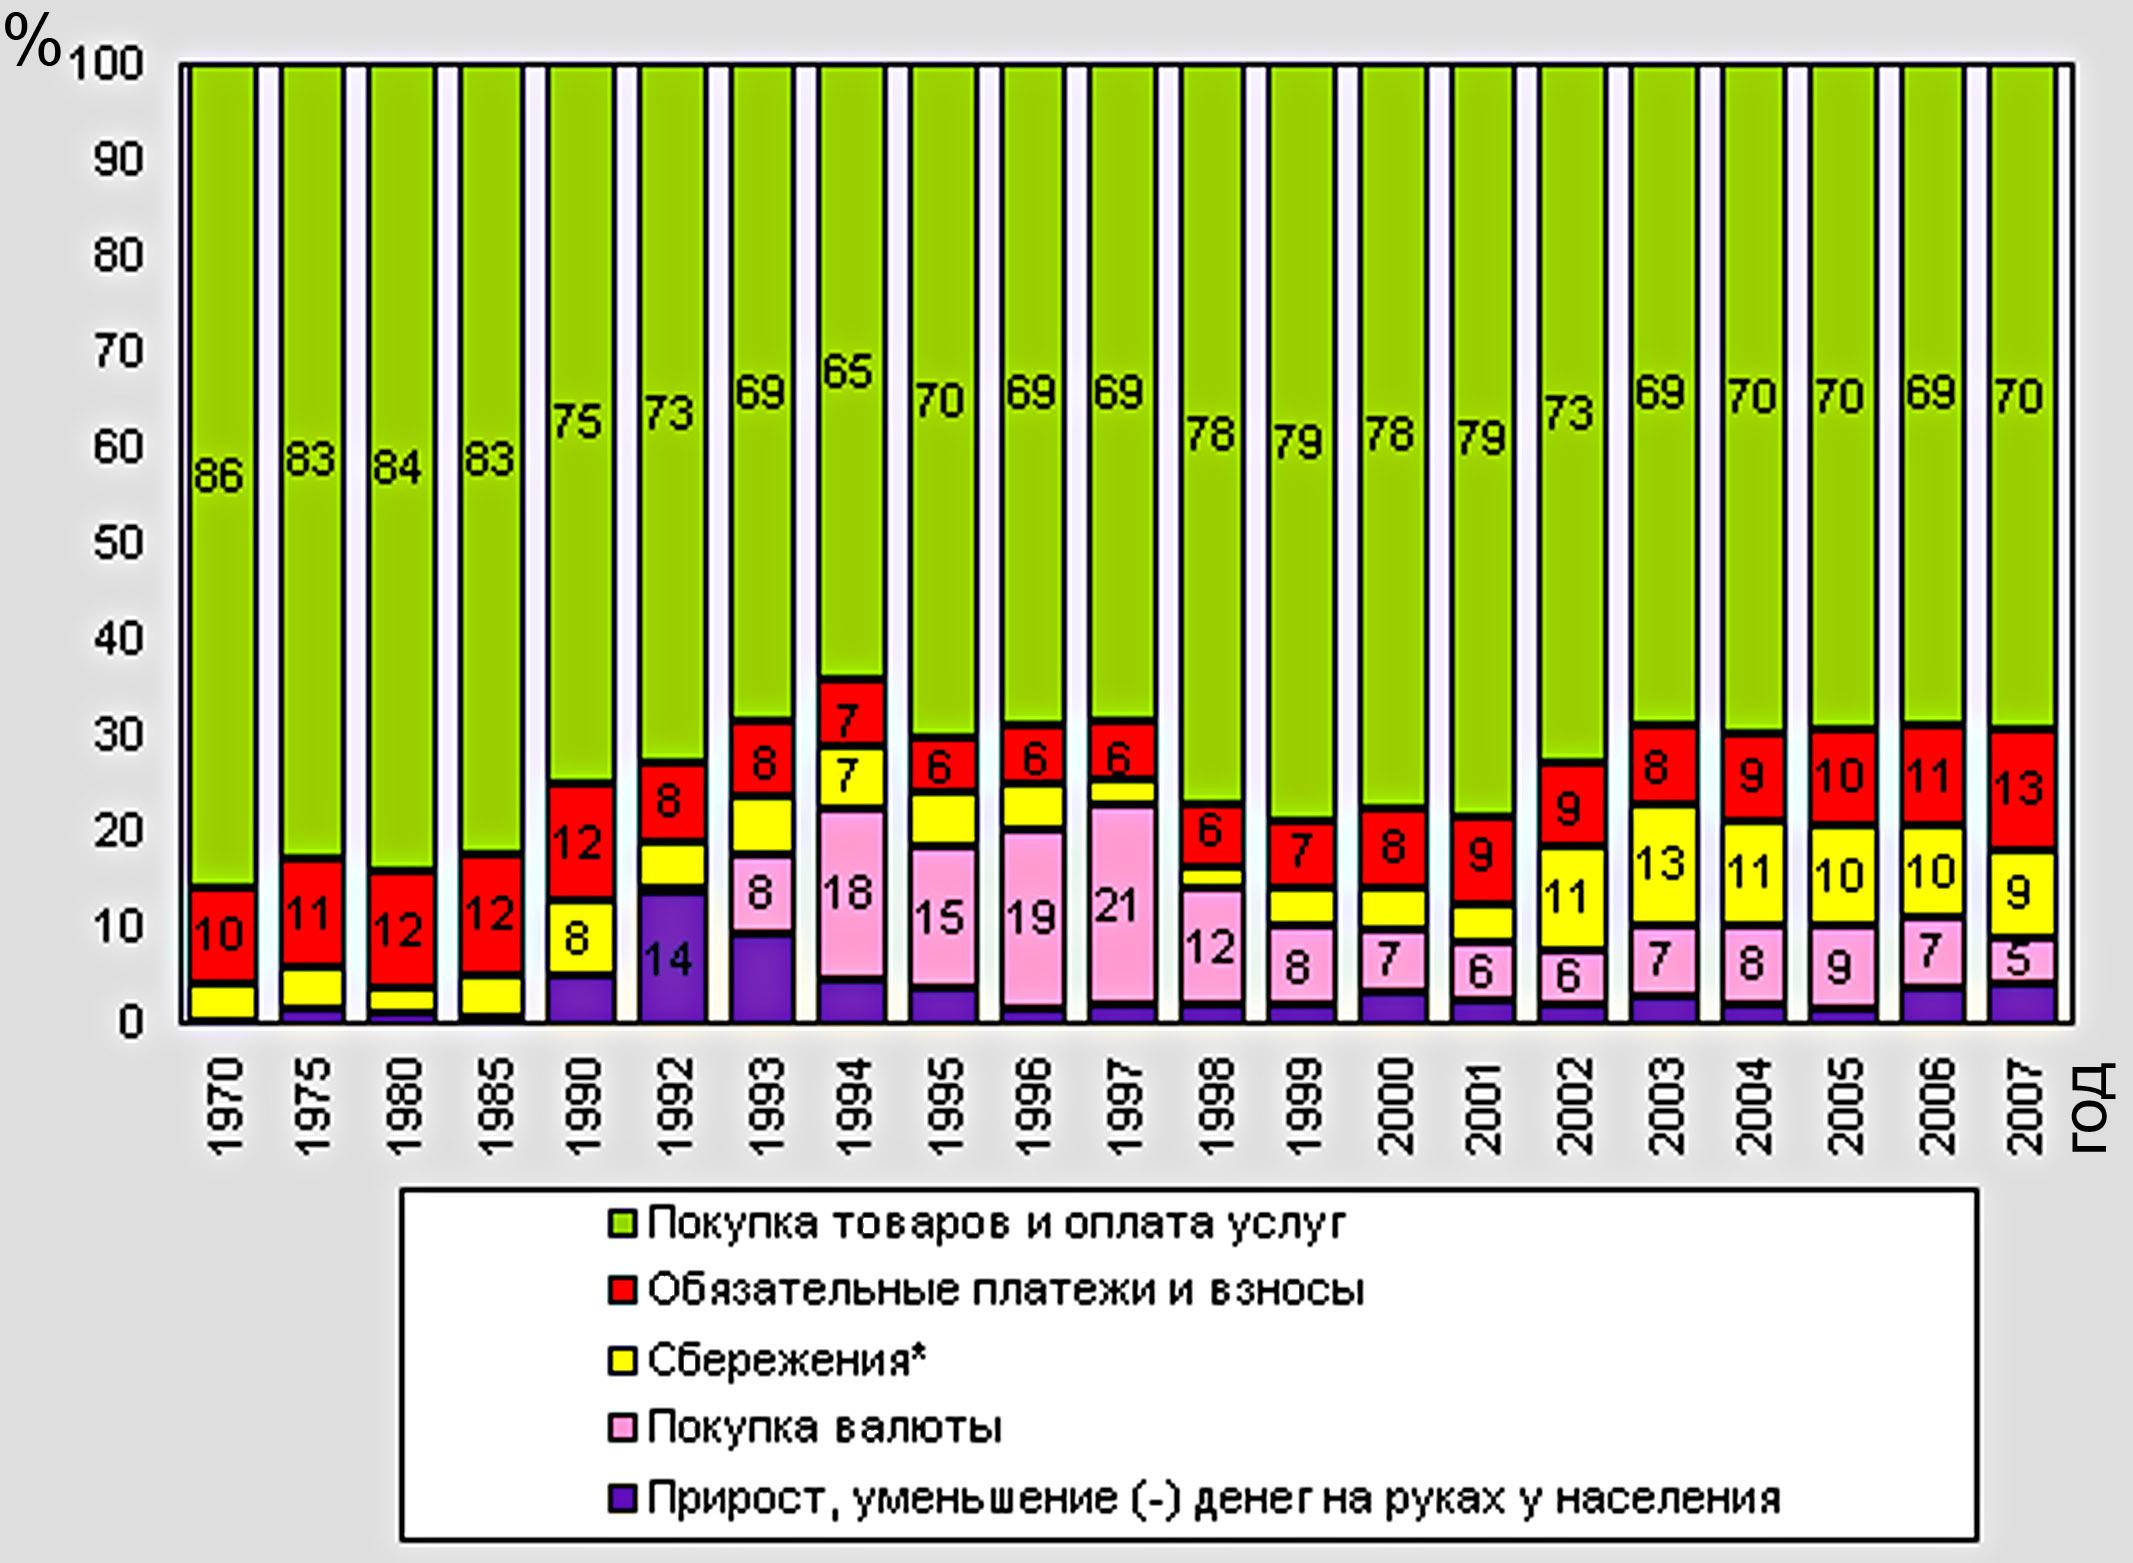 Диаграмма 2.1. Состав денежных доходов населения России, 1970-2007 годы, %